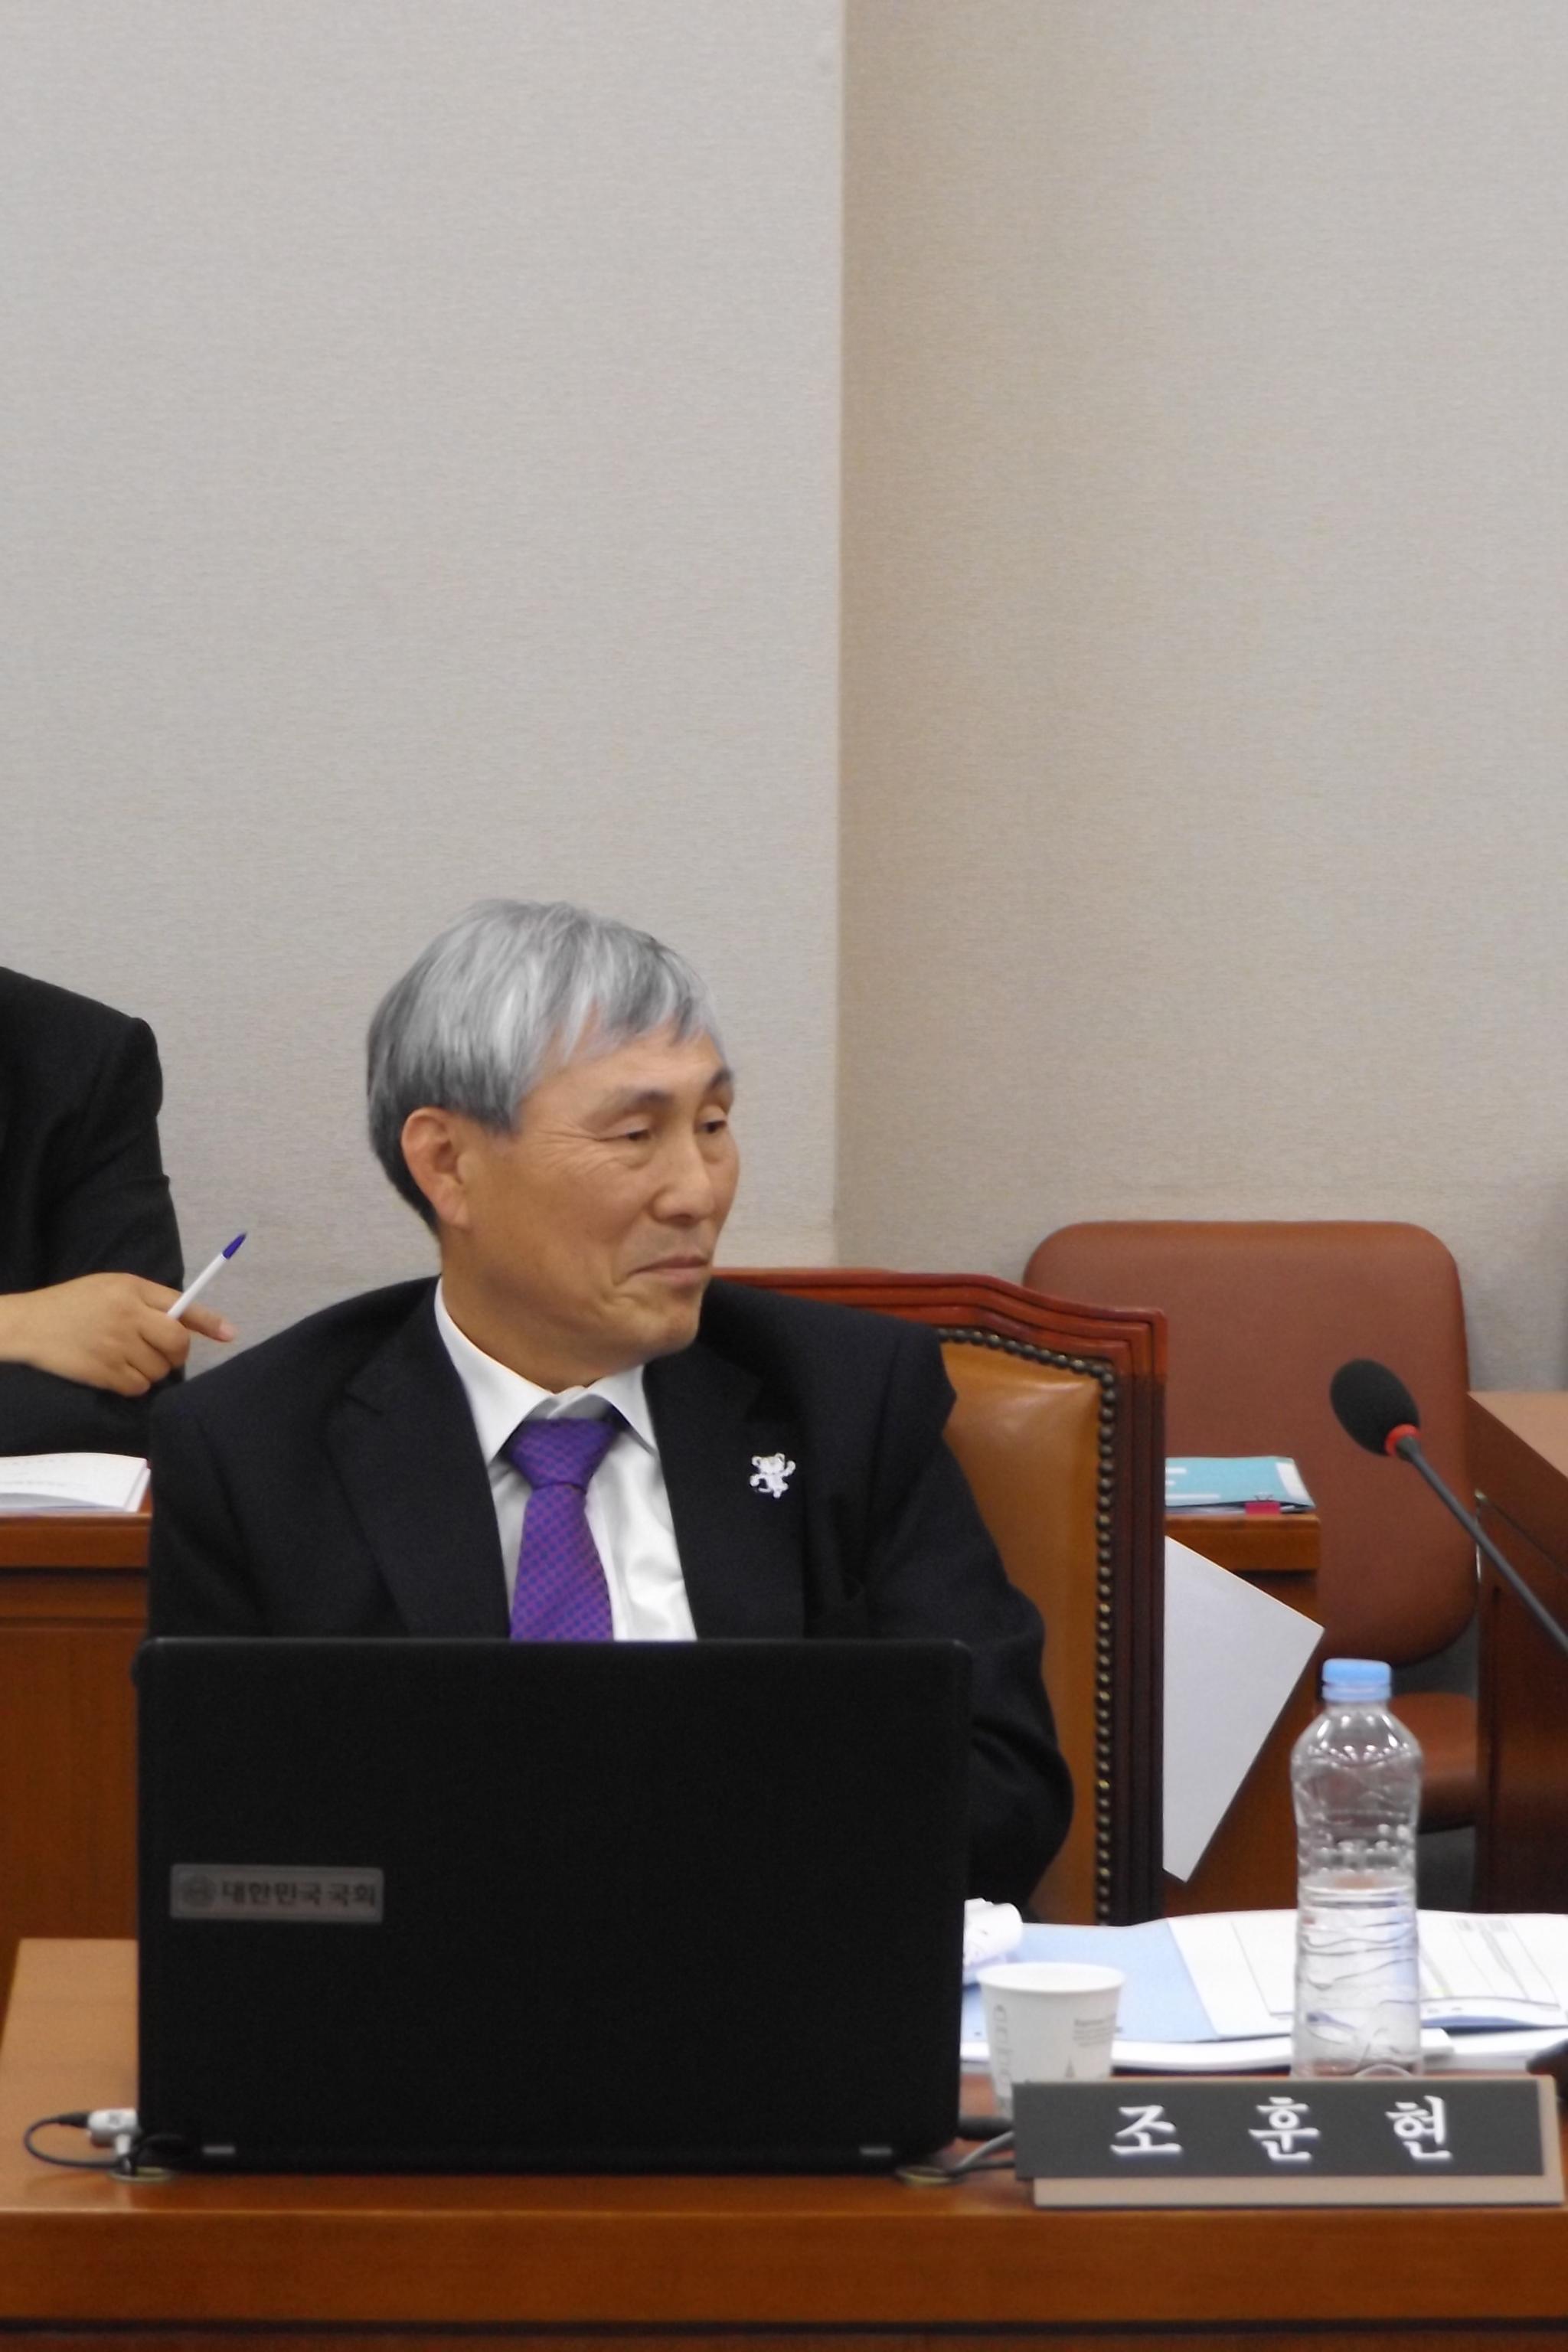 지난해 8월 '바둑진흥법 제정안'을 대표 발의한 조훈현 의원. [사진 조훈현 의원실]